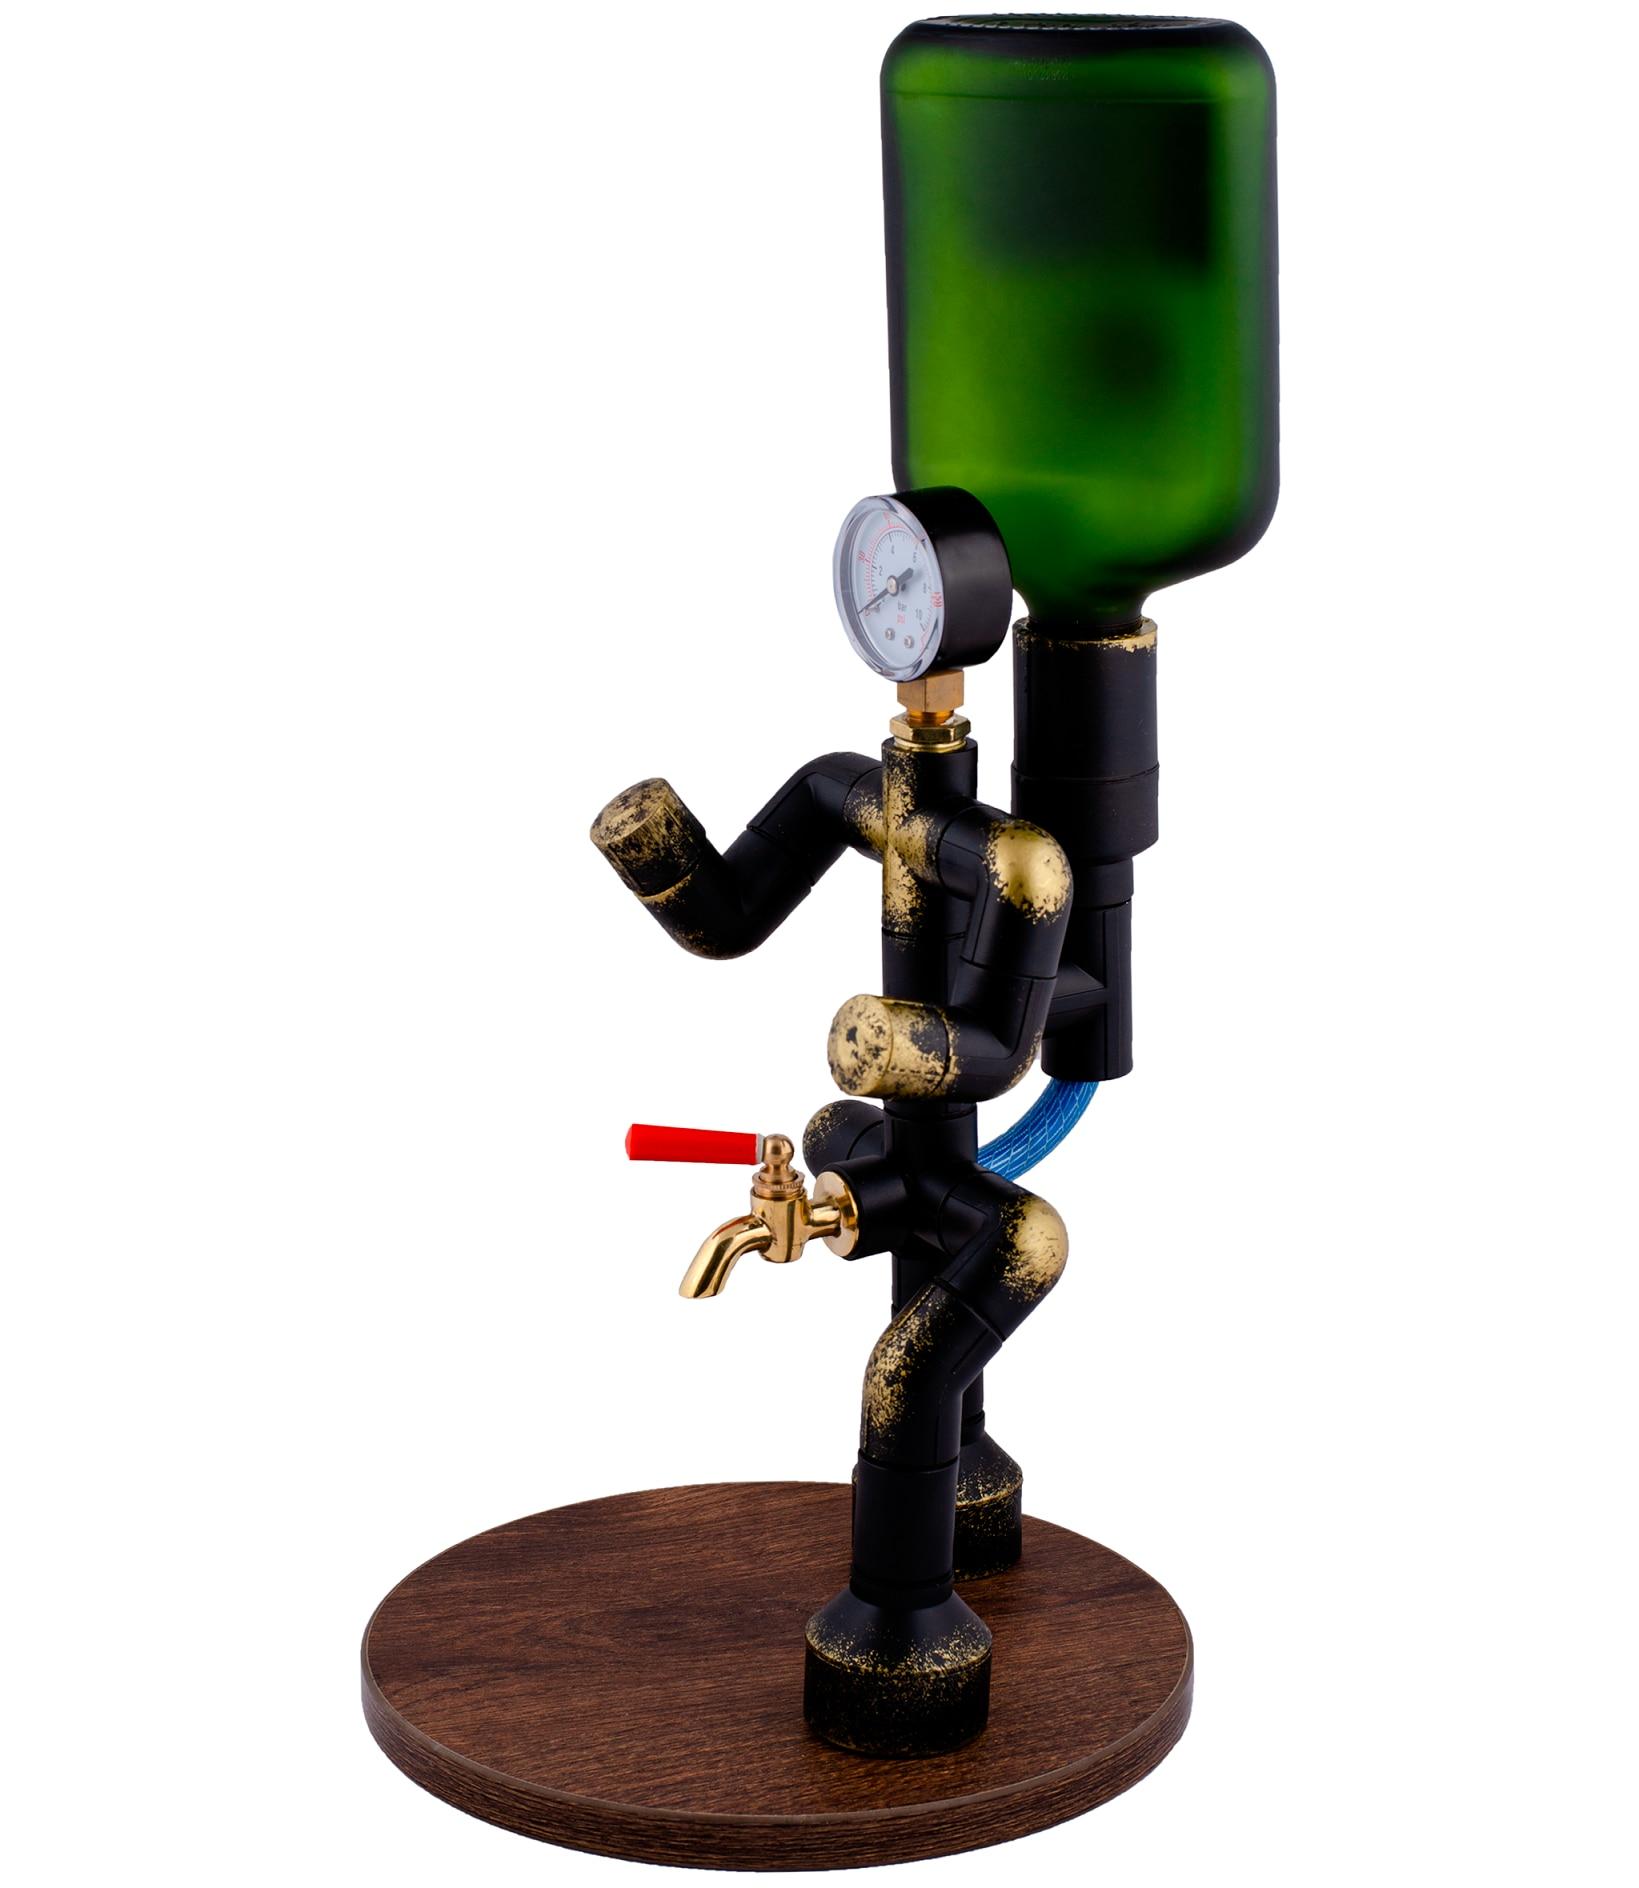 Диспенсер для алкогольных напитков Бармен с прибором, полипропилен|Другие инструменты для бара|   | АлиЭкспресс